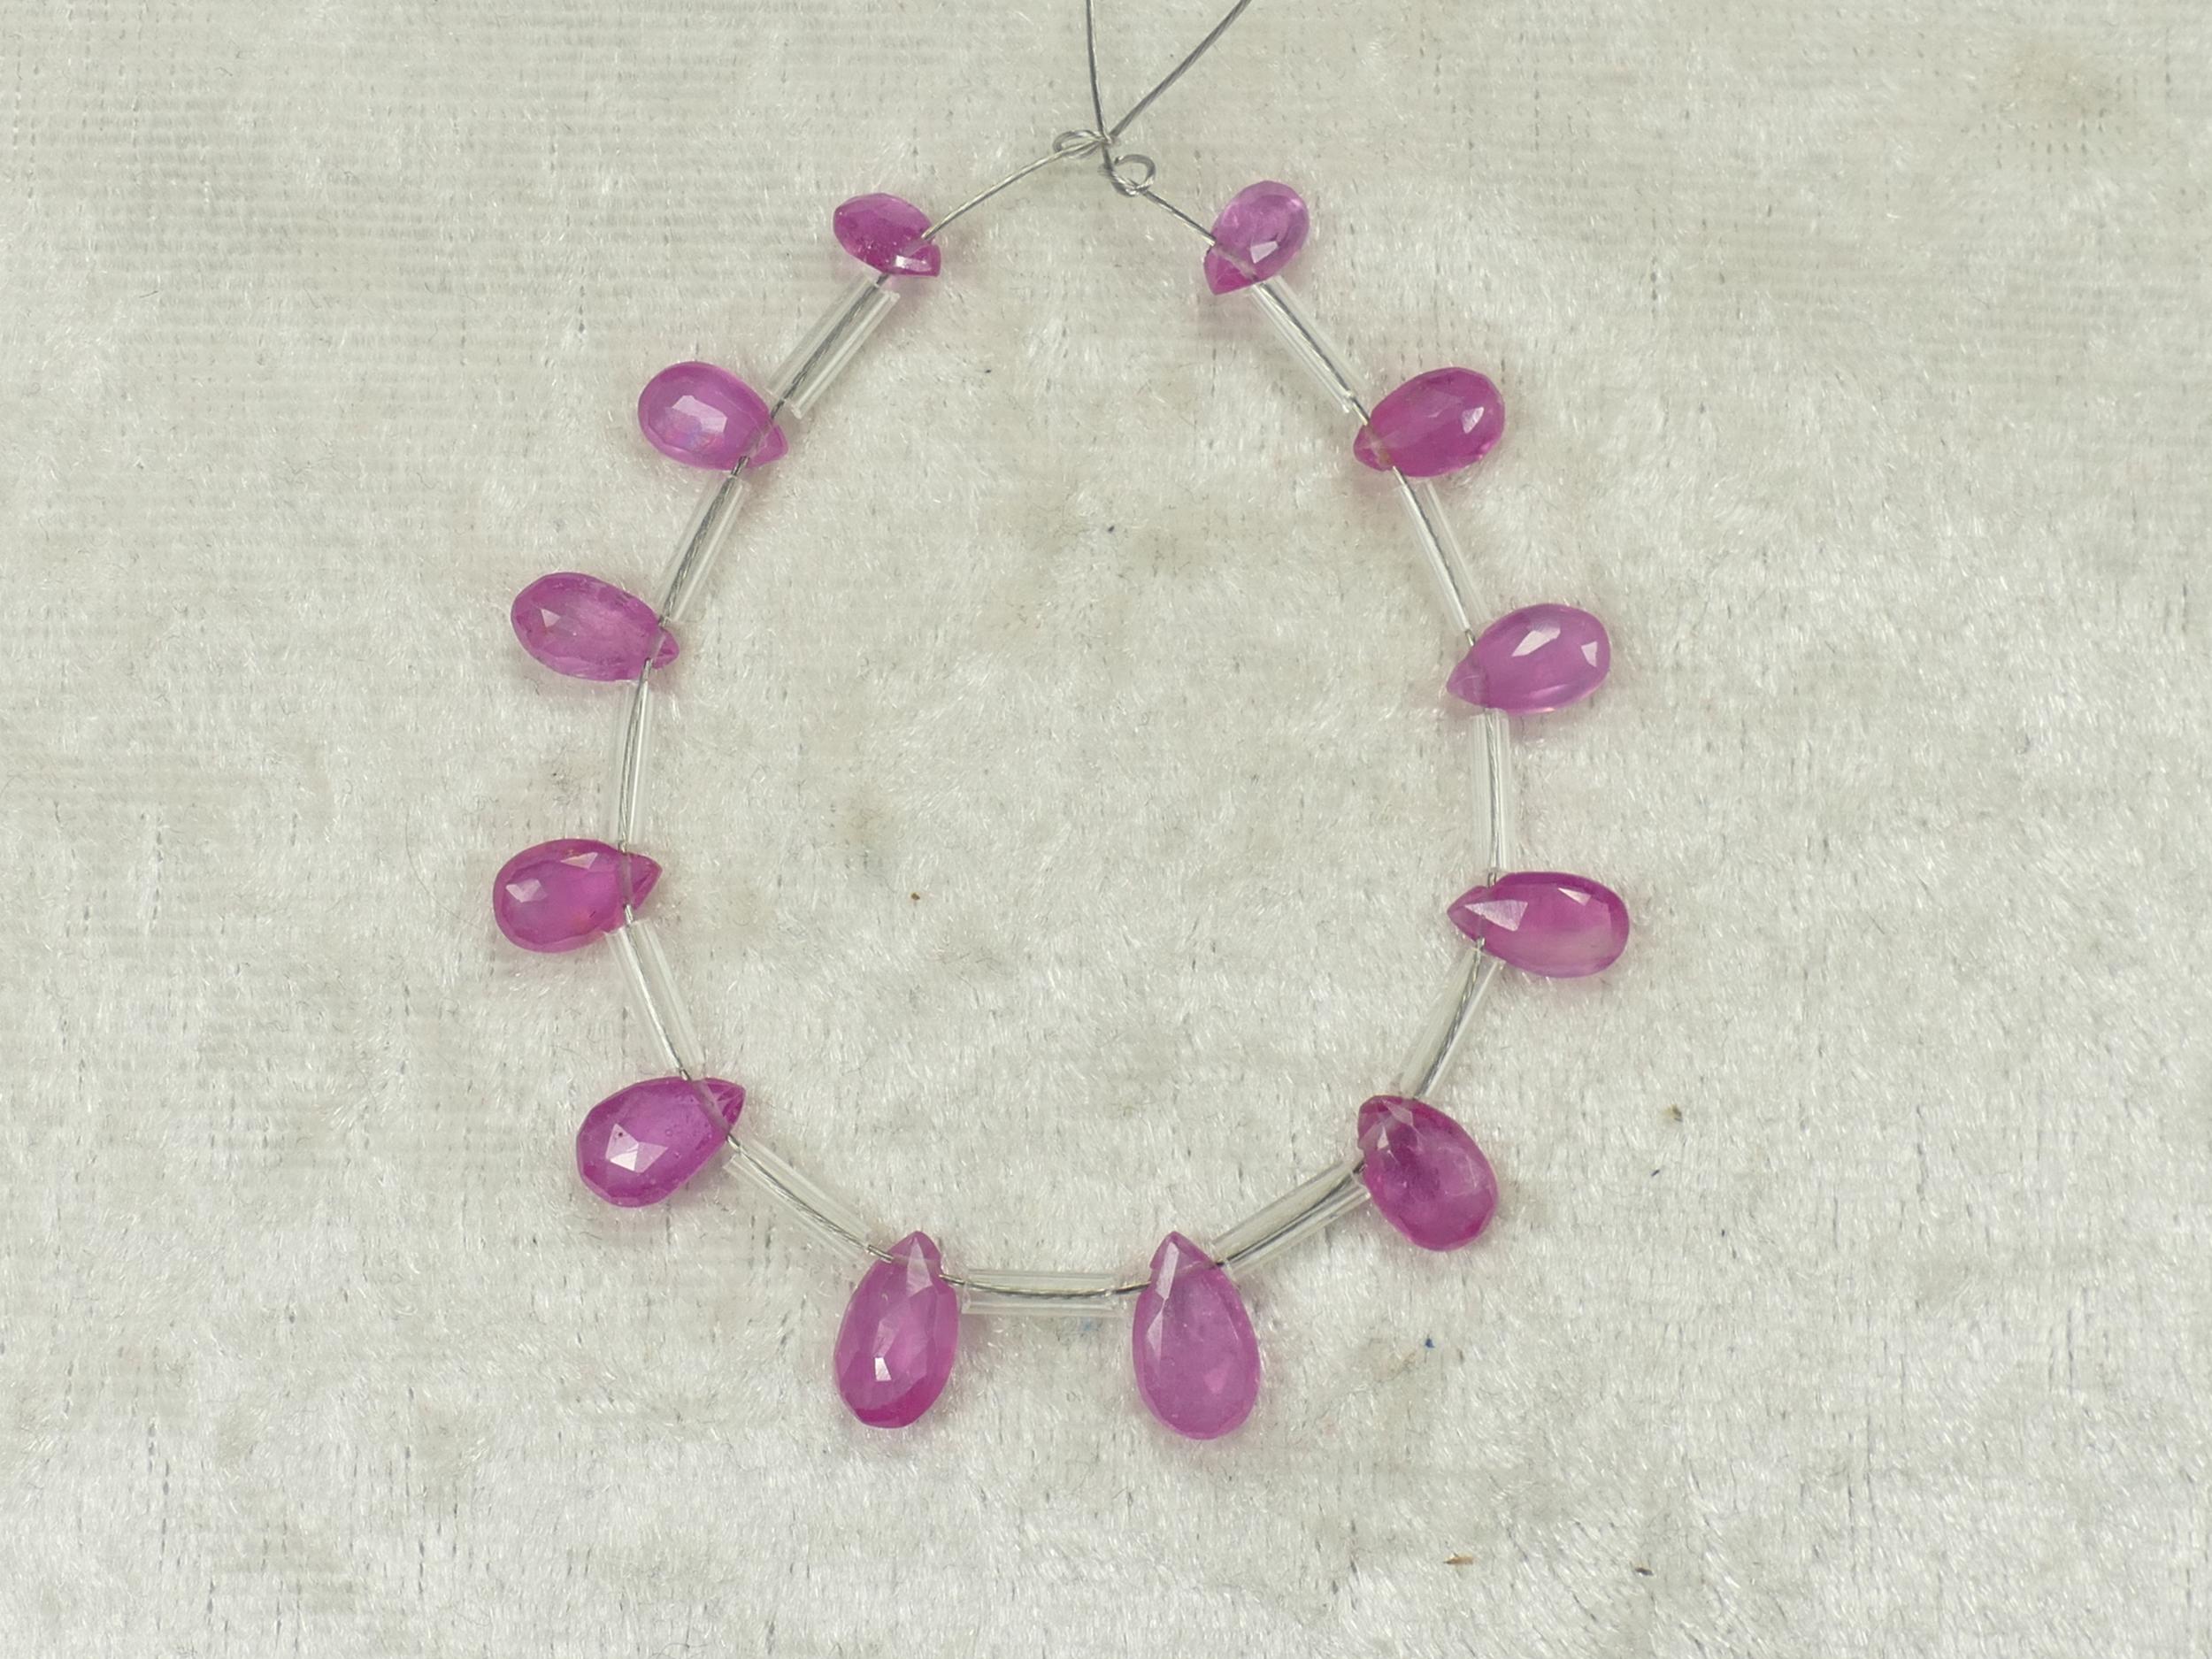 12 Perle de Saphir rose précieux naturel 9.16ct goutte plate facetté (#PK430)